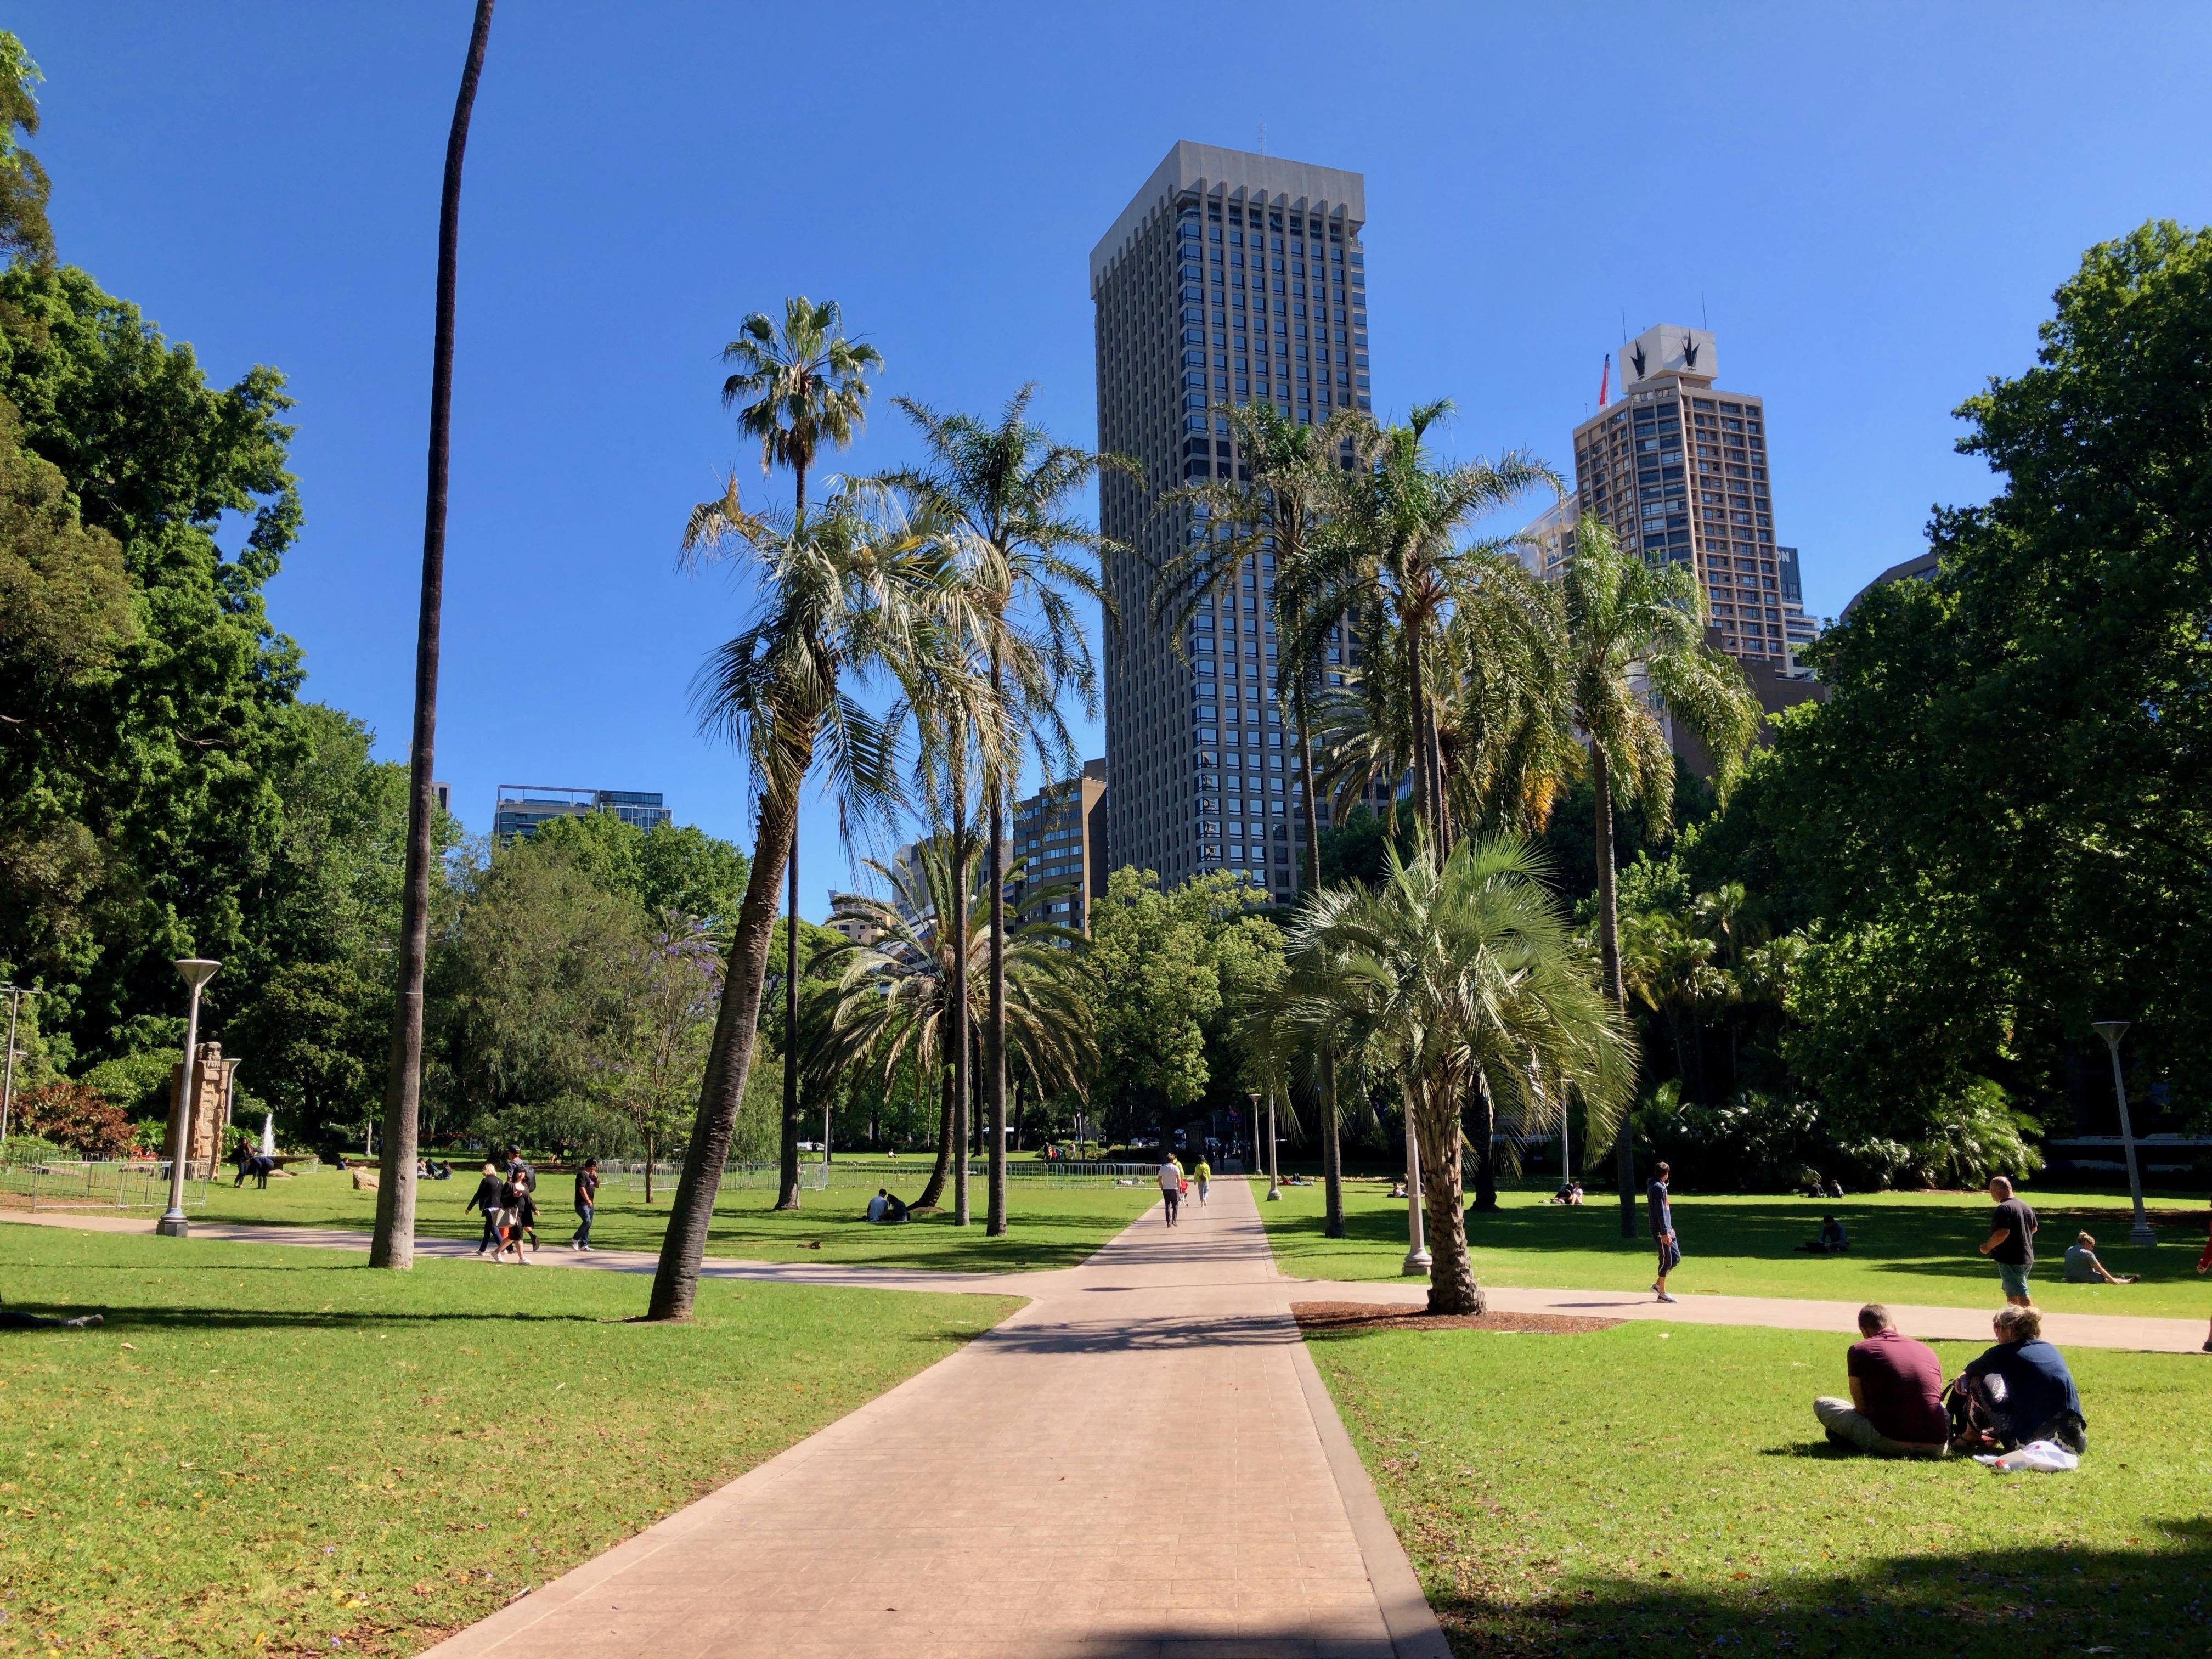 オーストラリア,シドニー,自然,街並み,一人旅,